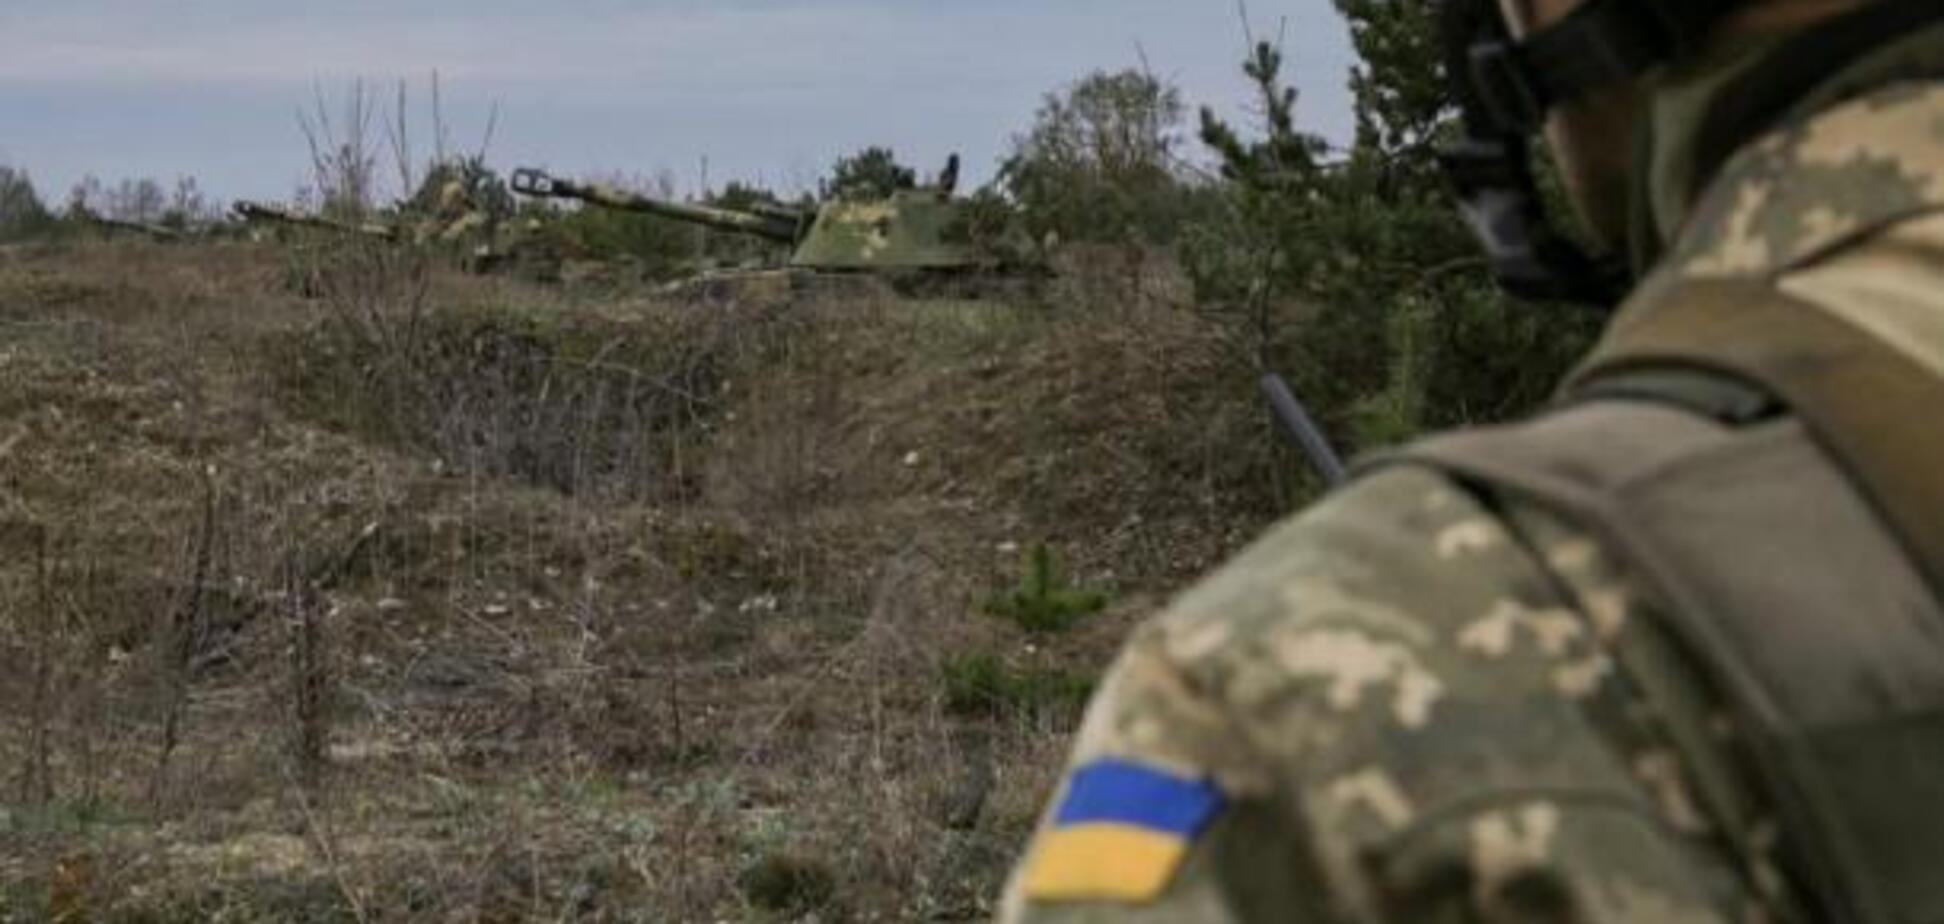 Глава Міноборони України назвав ім'я винуватця війни на Донбасі